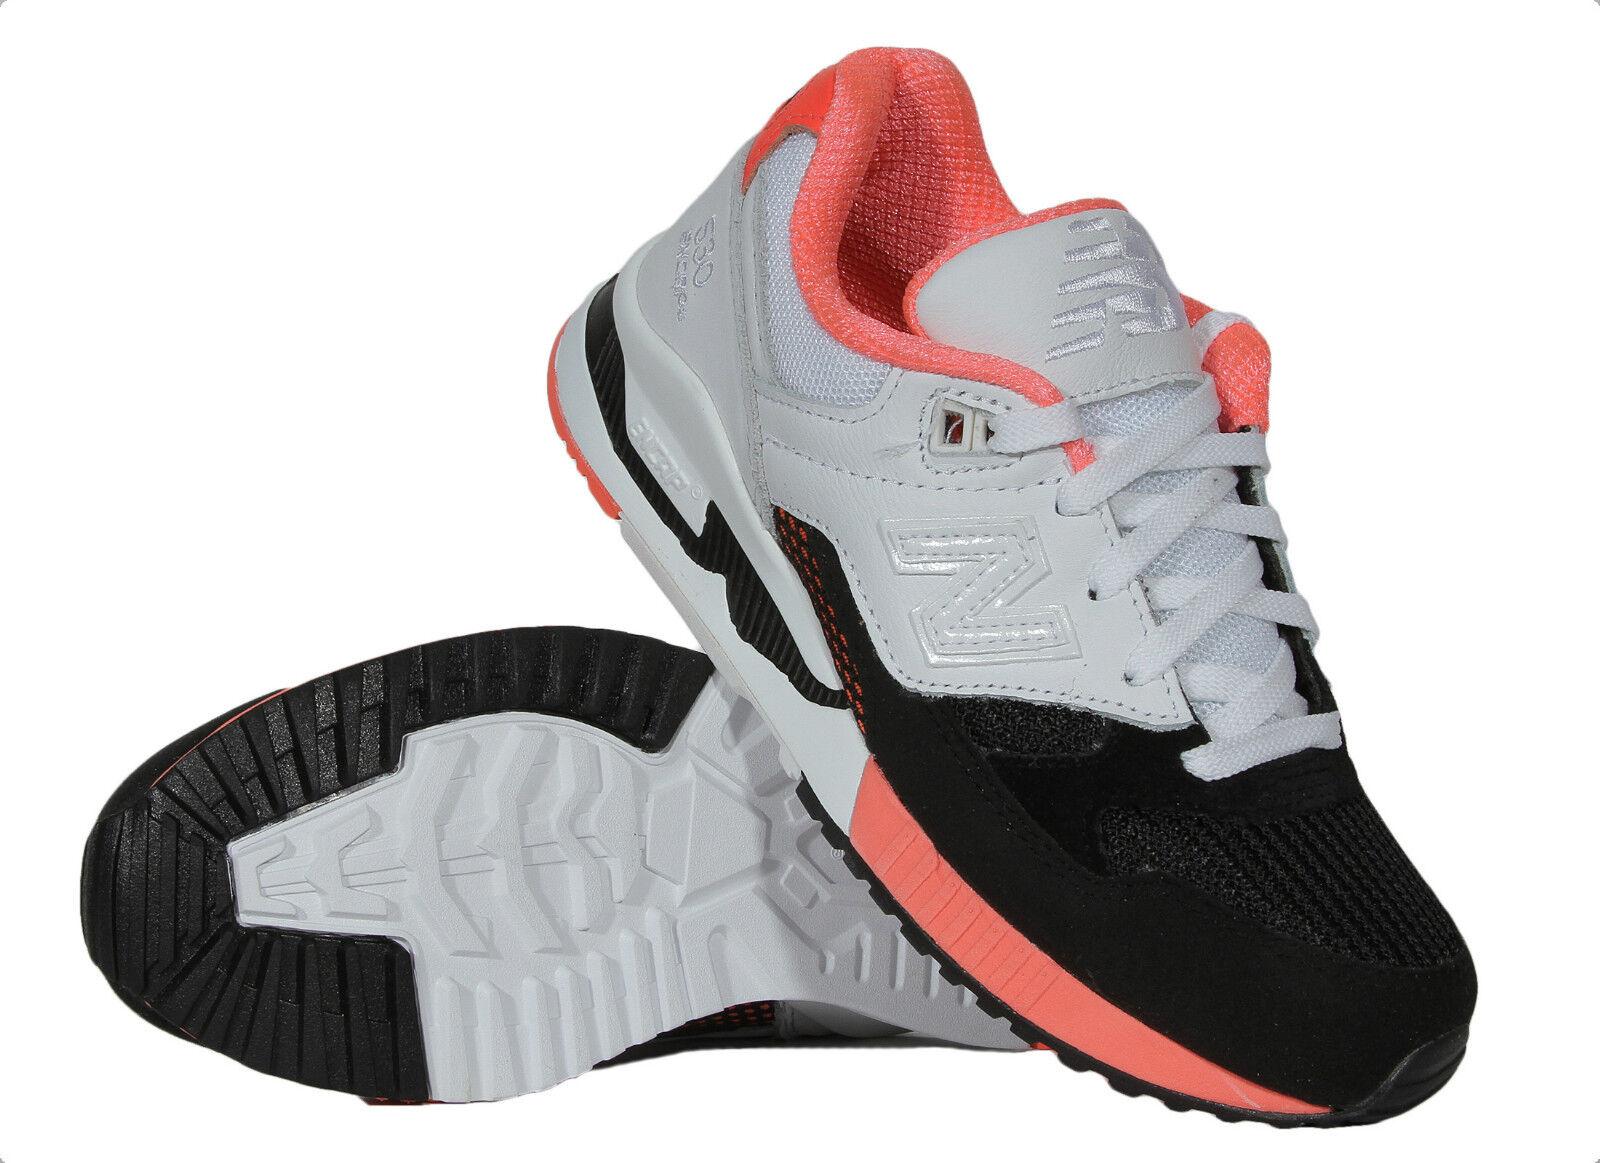 New balance 530 Bionic Boom Para Mujer Mujer Mujer Zapatos Correr W530RTB Nuevo en Caja Auténtica  descuento online